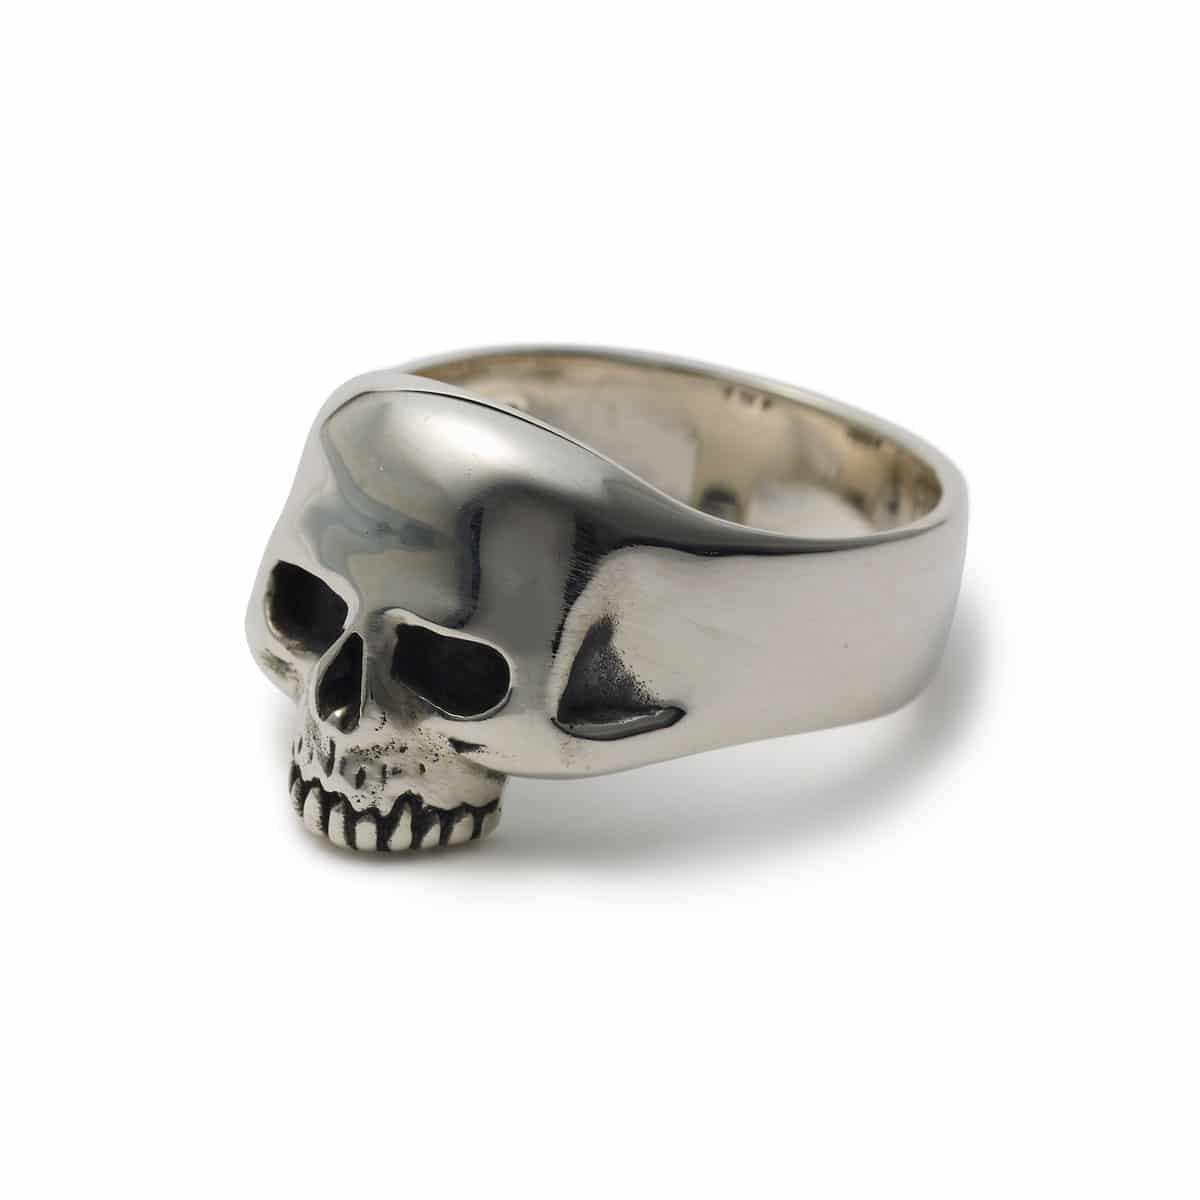 Smallest Evil Skull Ring The Great Frog